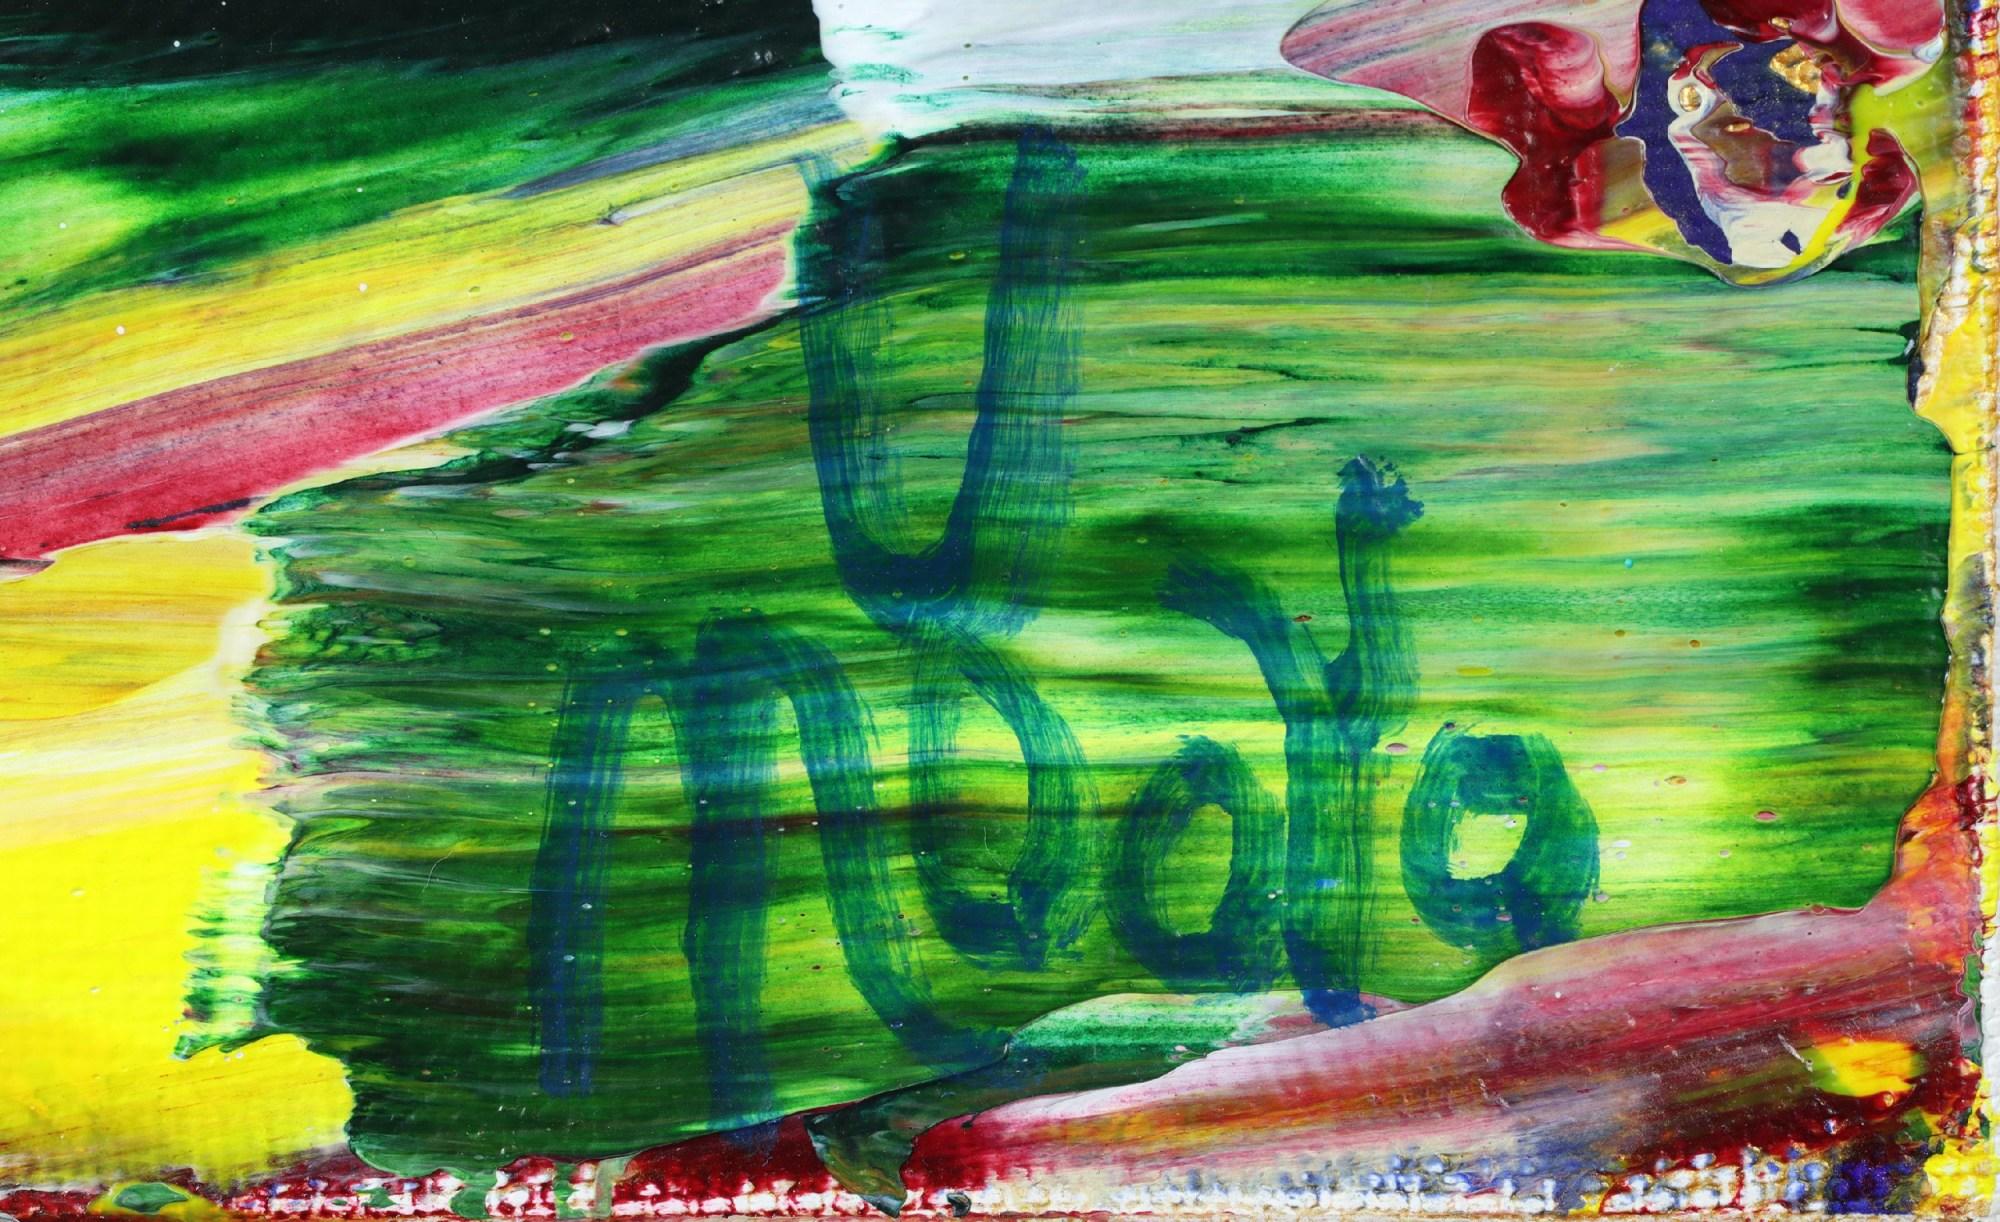 Signature / Moss and Rust 2 (2021) 20x24 in / Artist: Nestor Toro